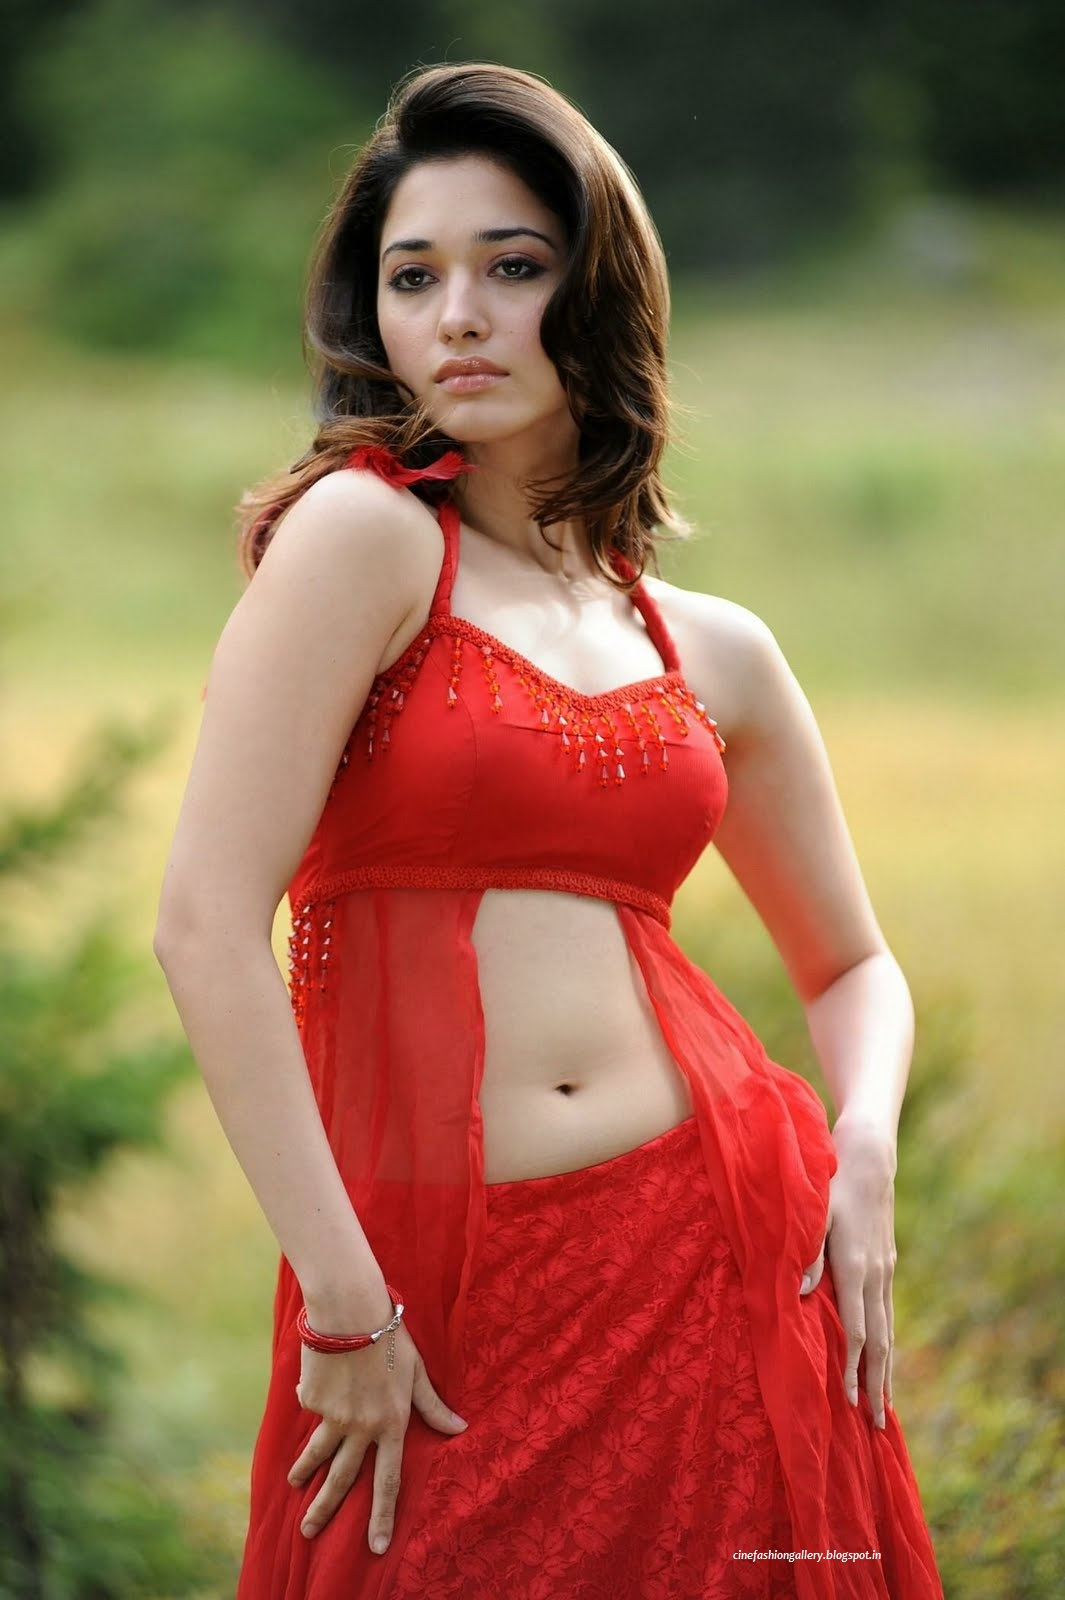 film actress tamannah bhatia - photo #13